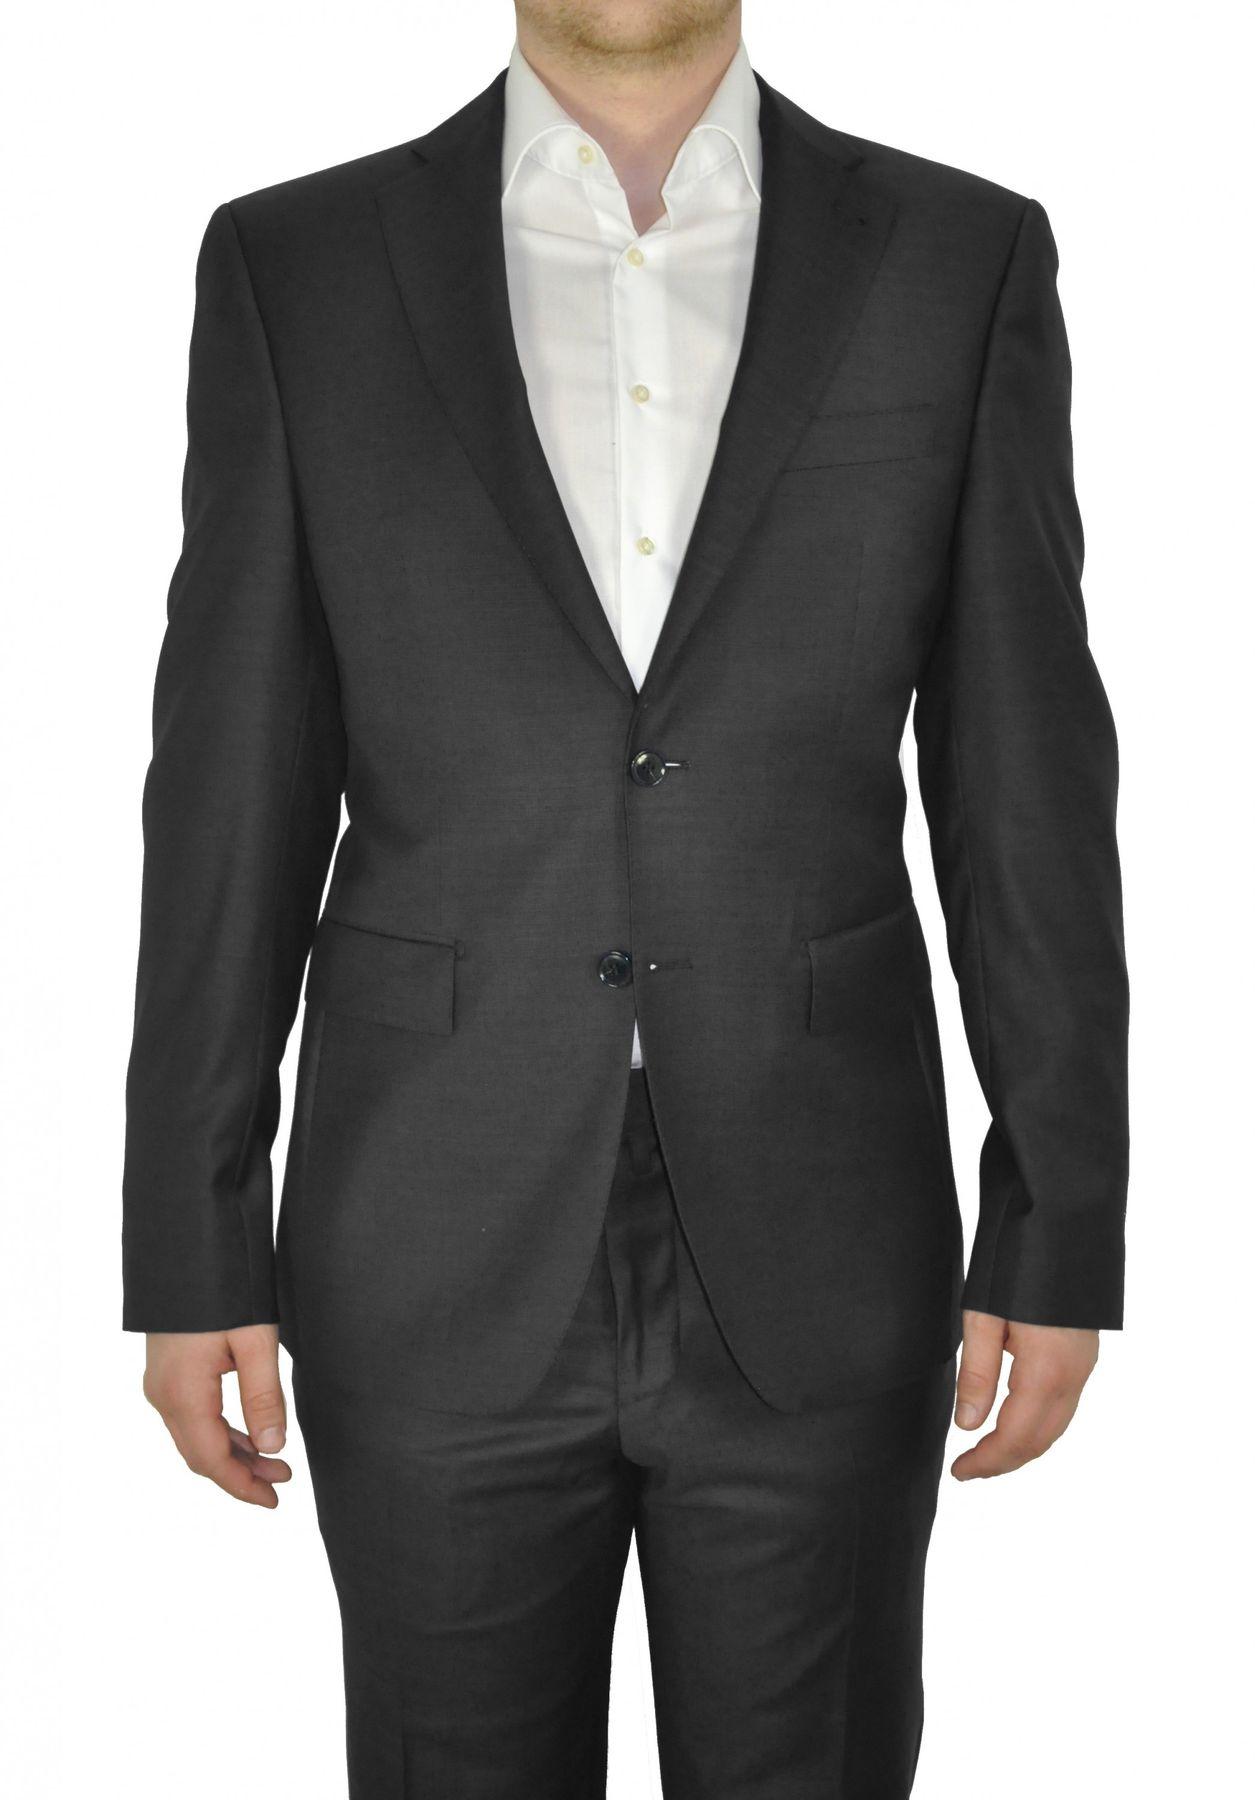 Barutti - Tailored Fit - Herren Sakko aus reiner Super 120'S Schurwolle, Meliert, 900 8005 (Tarso AMF) – Bild 7